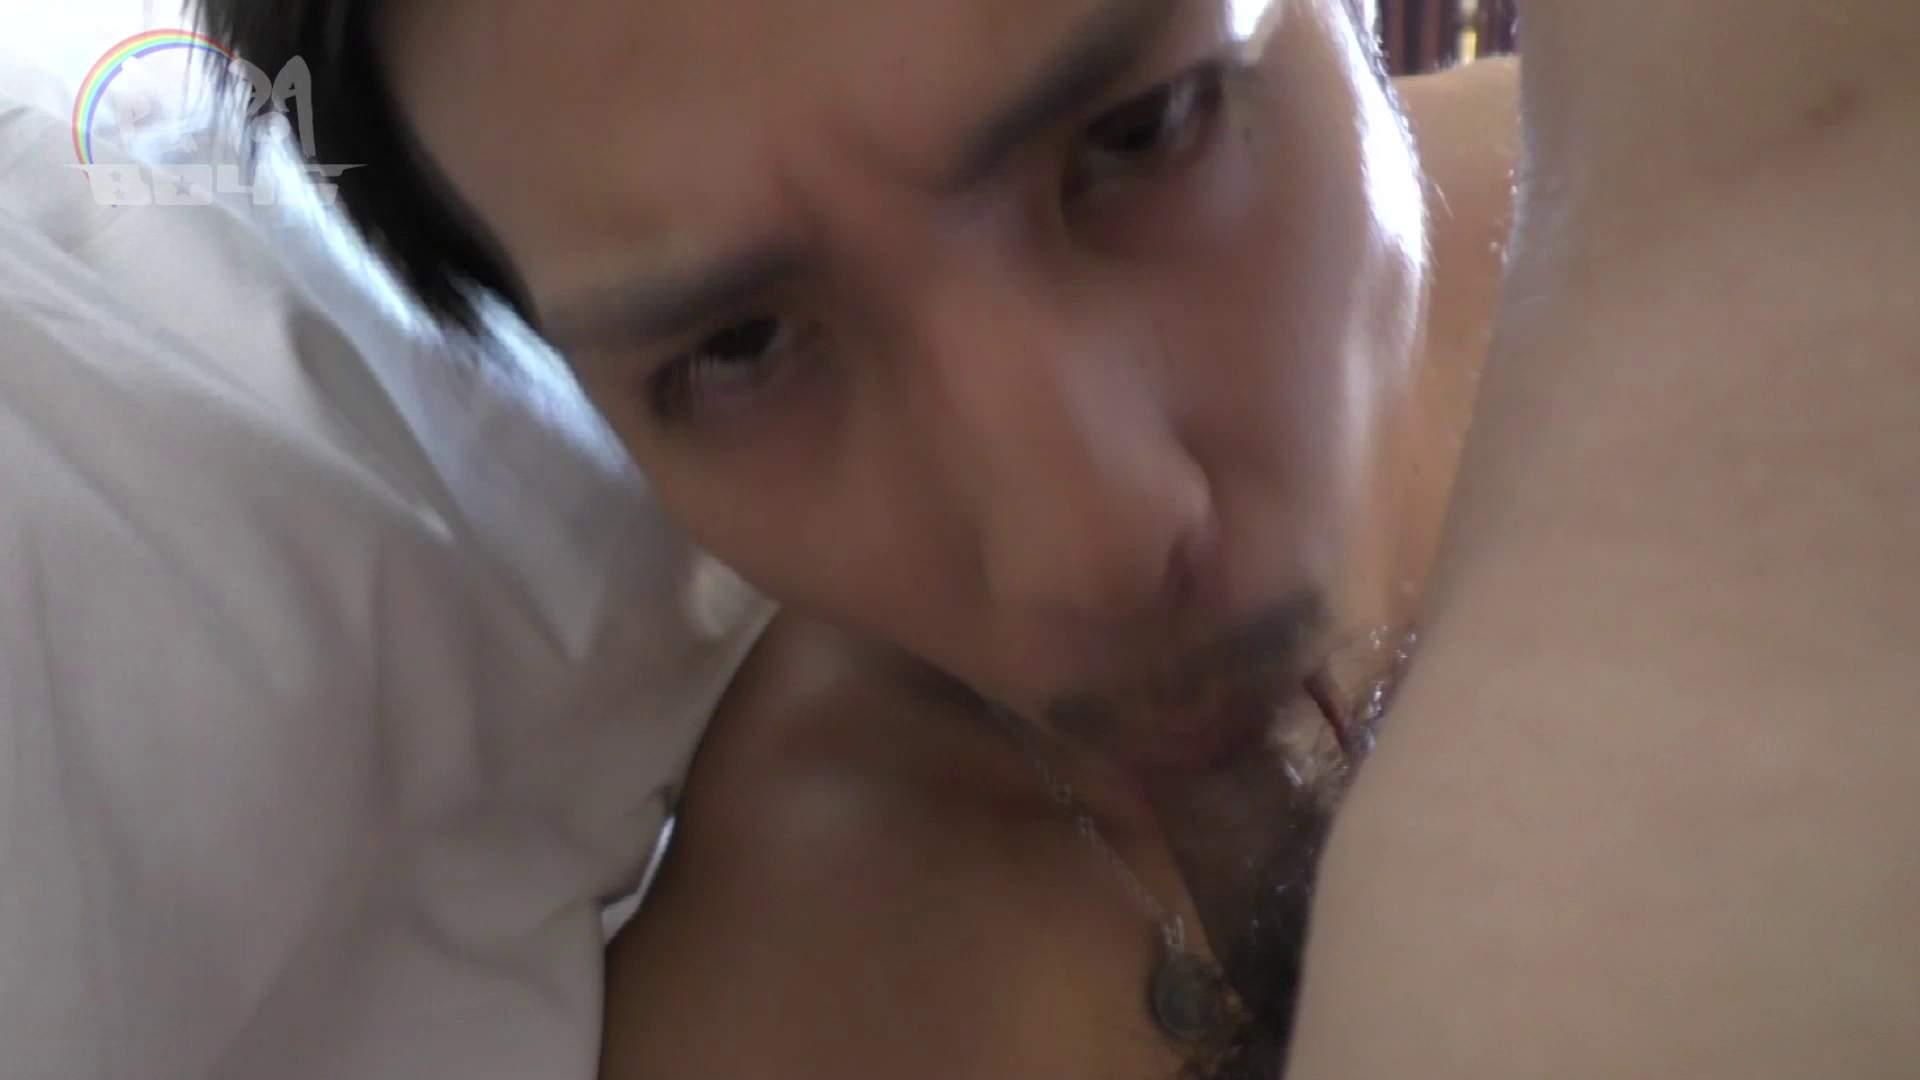 陰間BOYS~「アナルだけは許して…2」~06 しごかれ ゲイ無修正動画画像 104pic 71